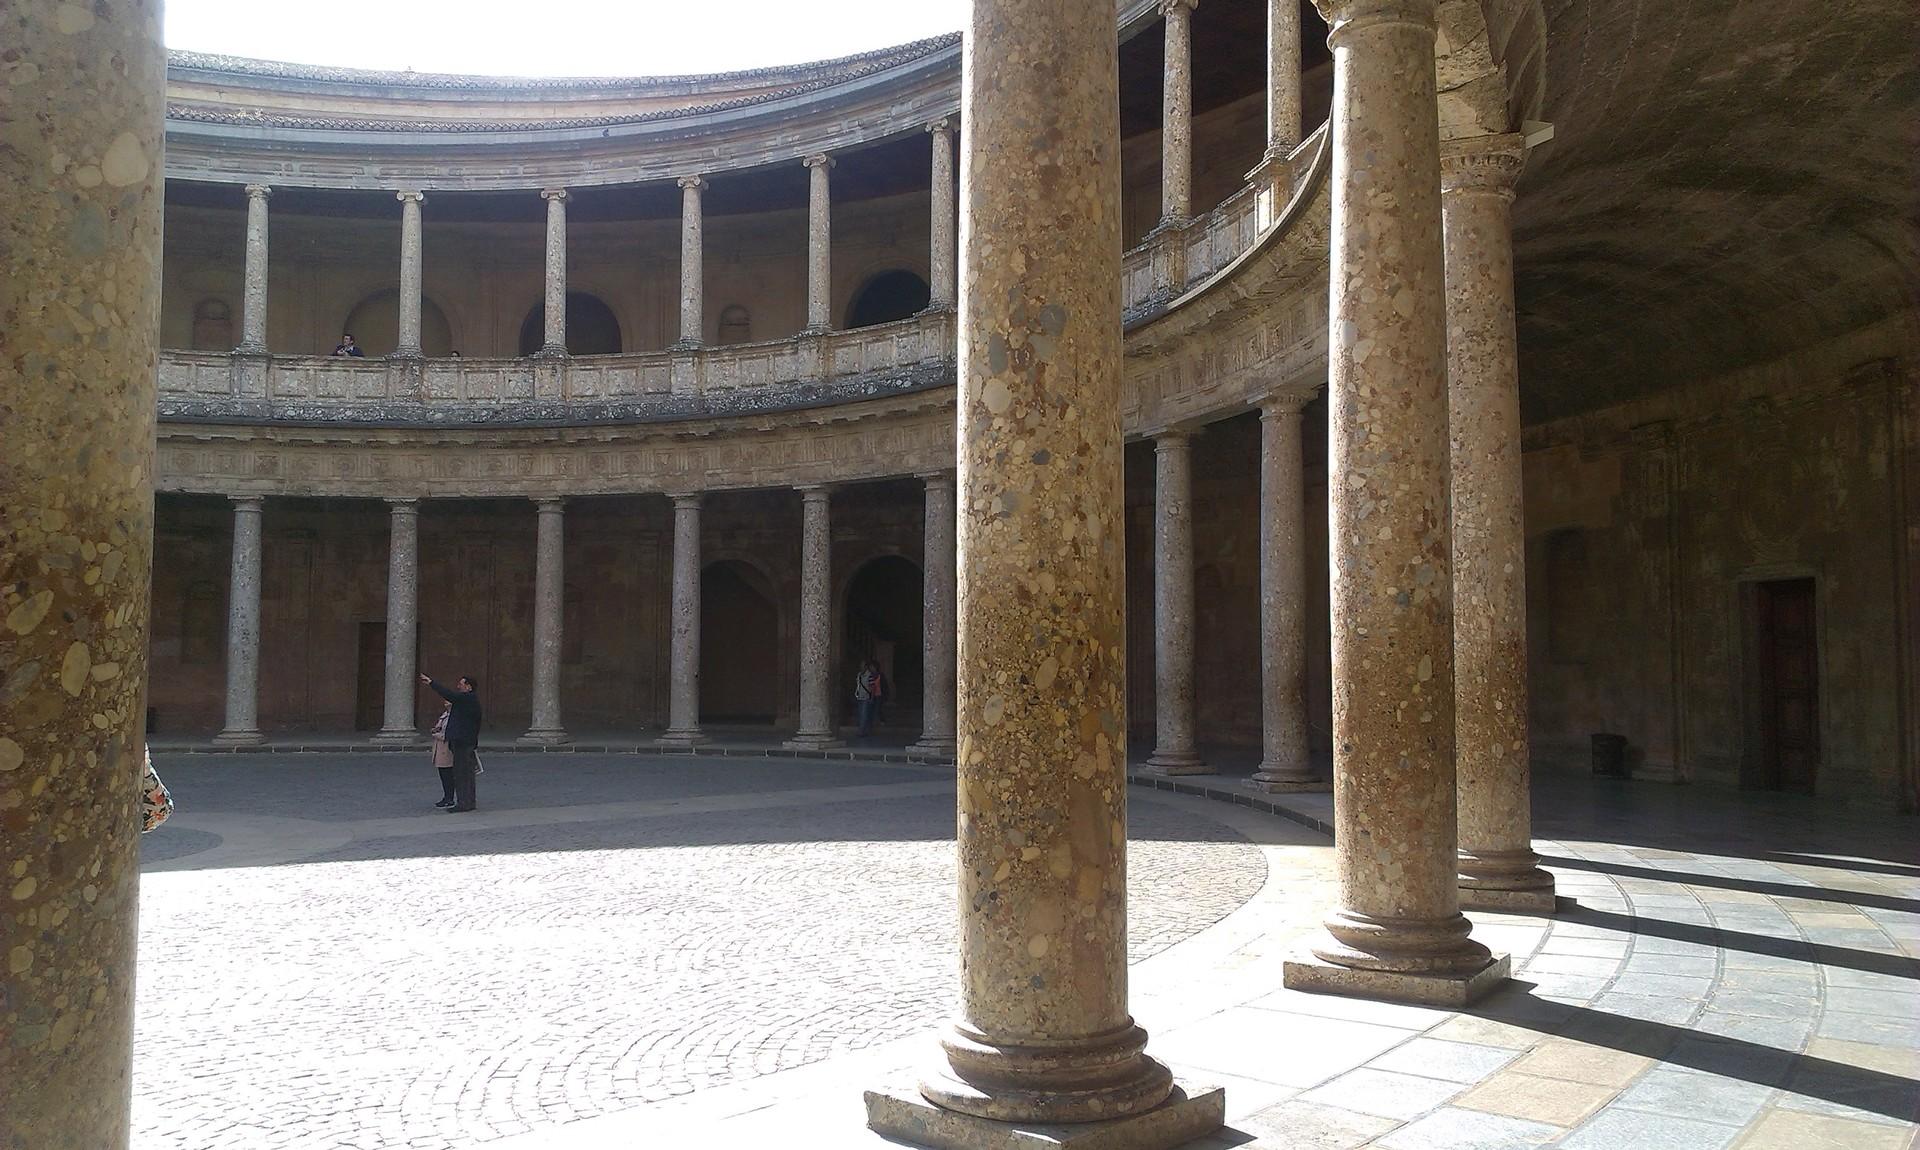 la-alhambra-cittadina-paradisiaca-9f213c